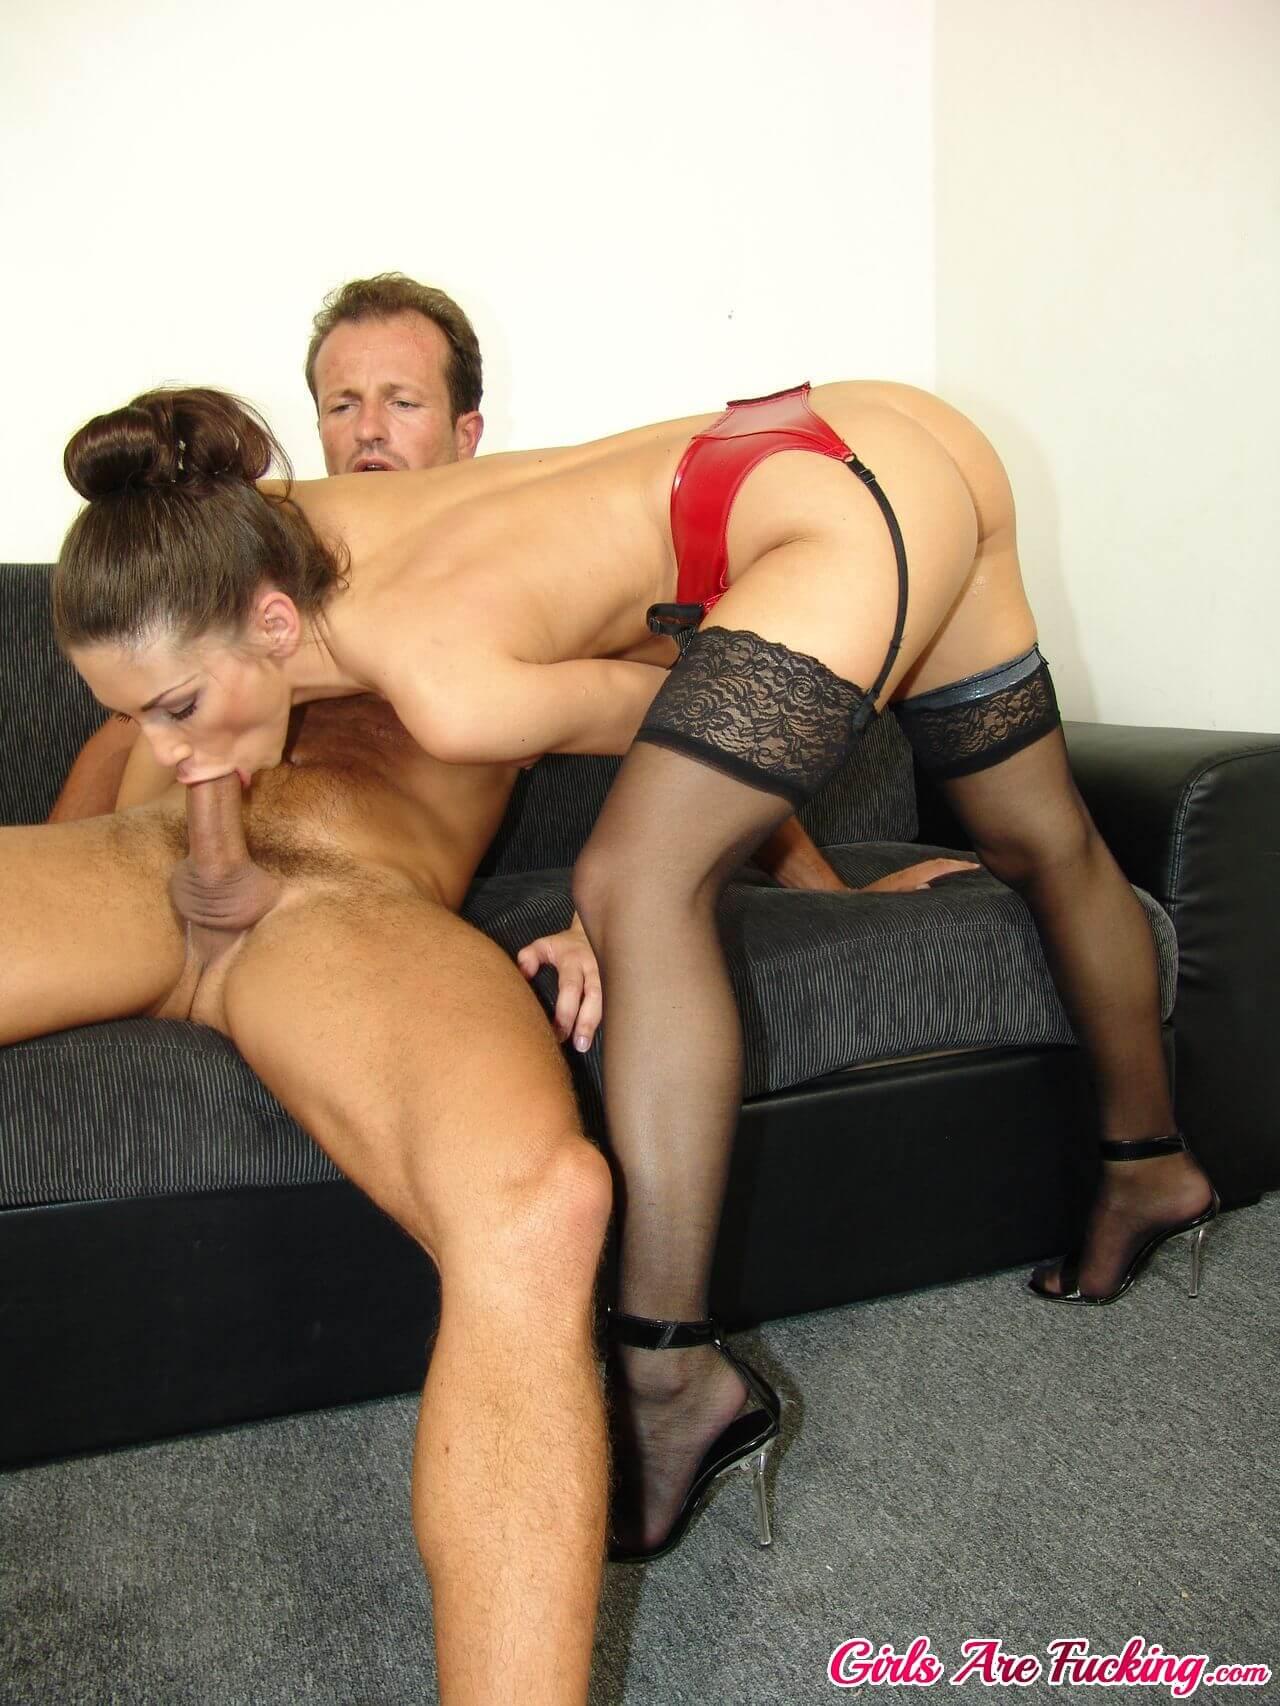 Порно секретарш в колготках смотреть онлайн